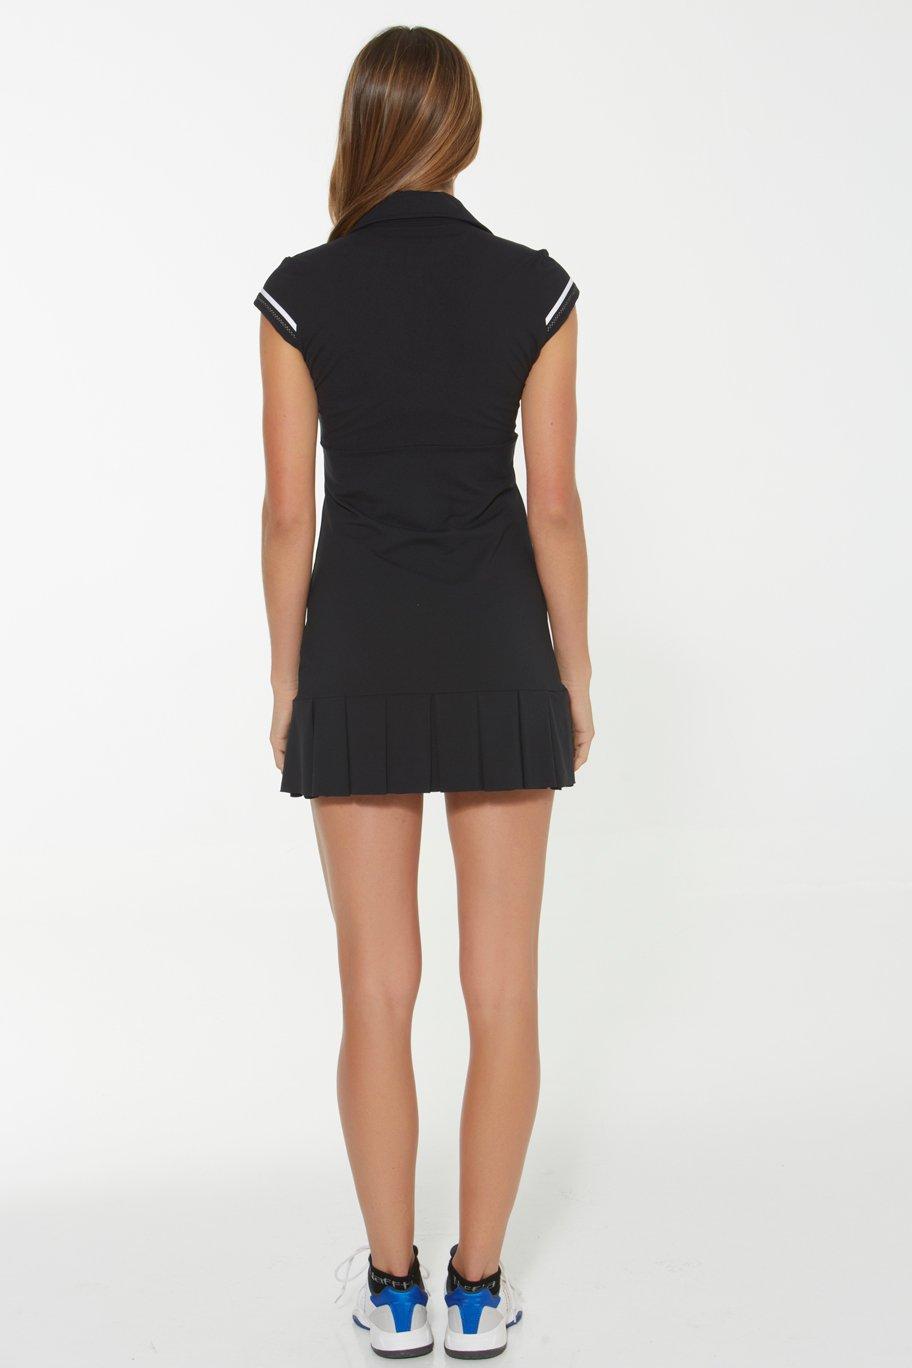 Naffta Tenis Padel - Vestido para Mujer, Color Negro/Blanco, Talla M: Amazon.es: Deportes y aire libre